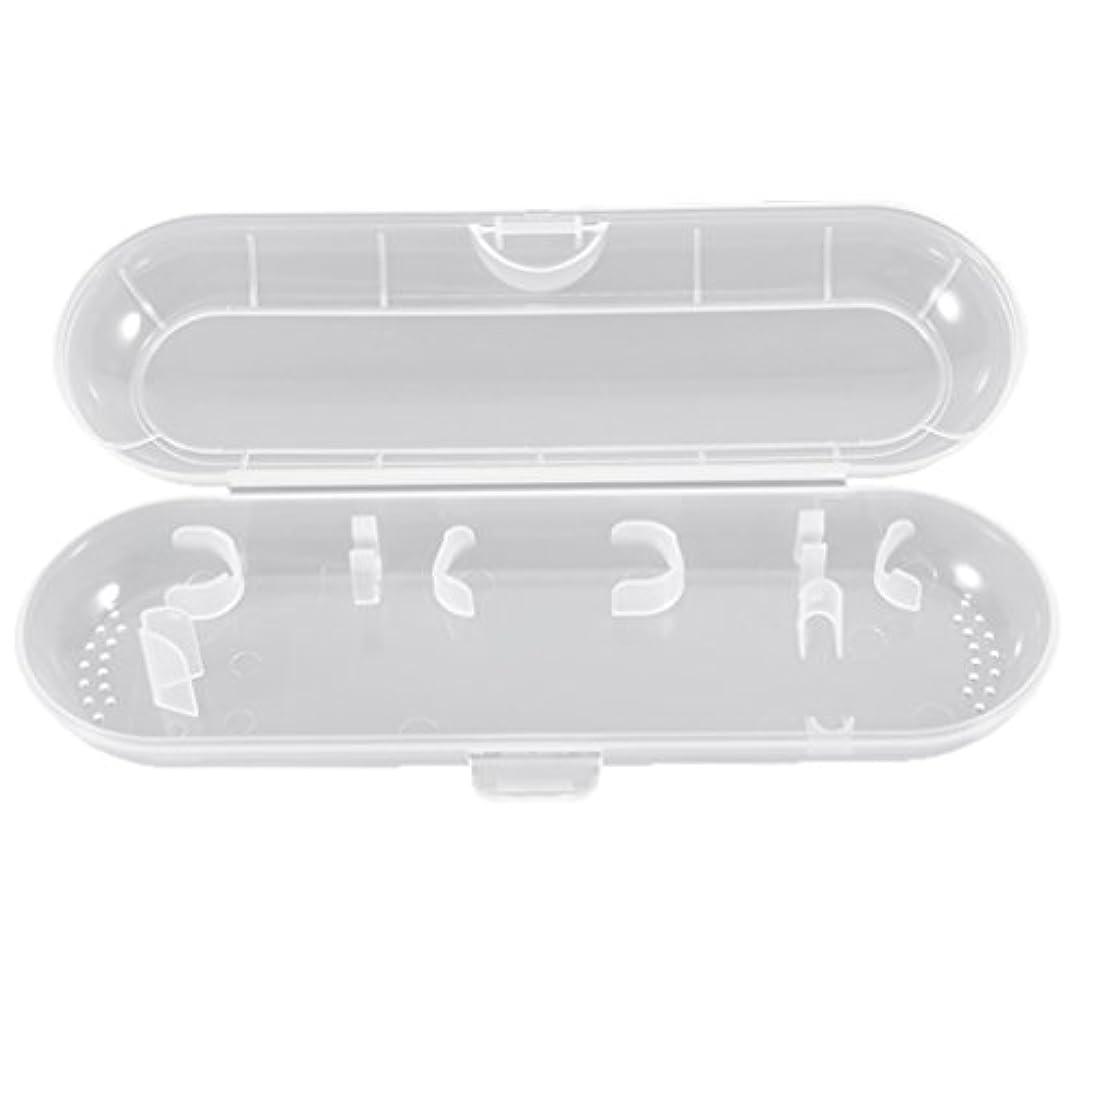 ランプ人生を作る趣味Honel 透明 電動歯ブラシ収納ボックス プラスチック 電動歯ブラシケース 収納ケース ブラウン オーラルB対応